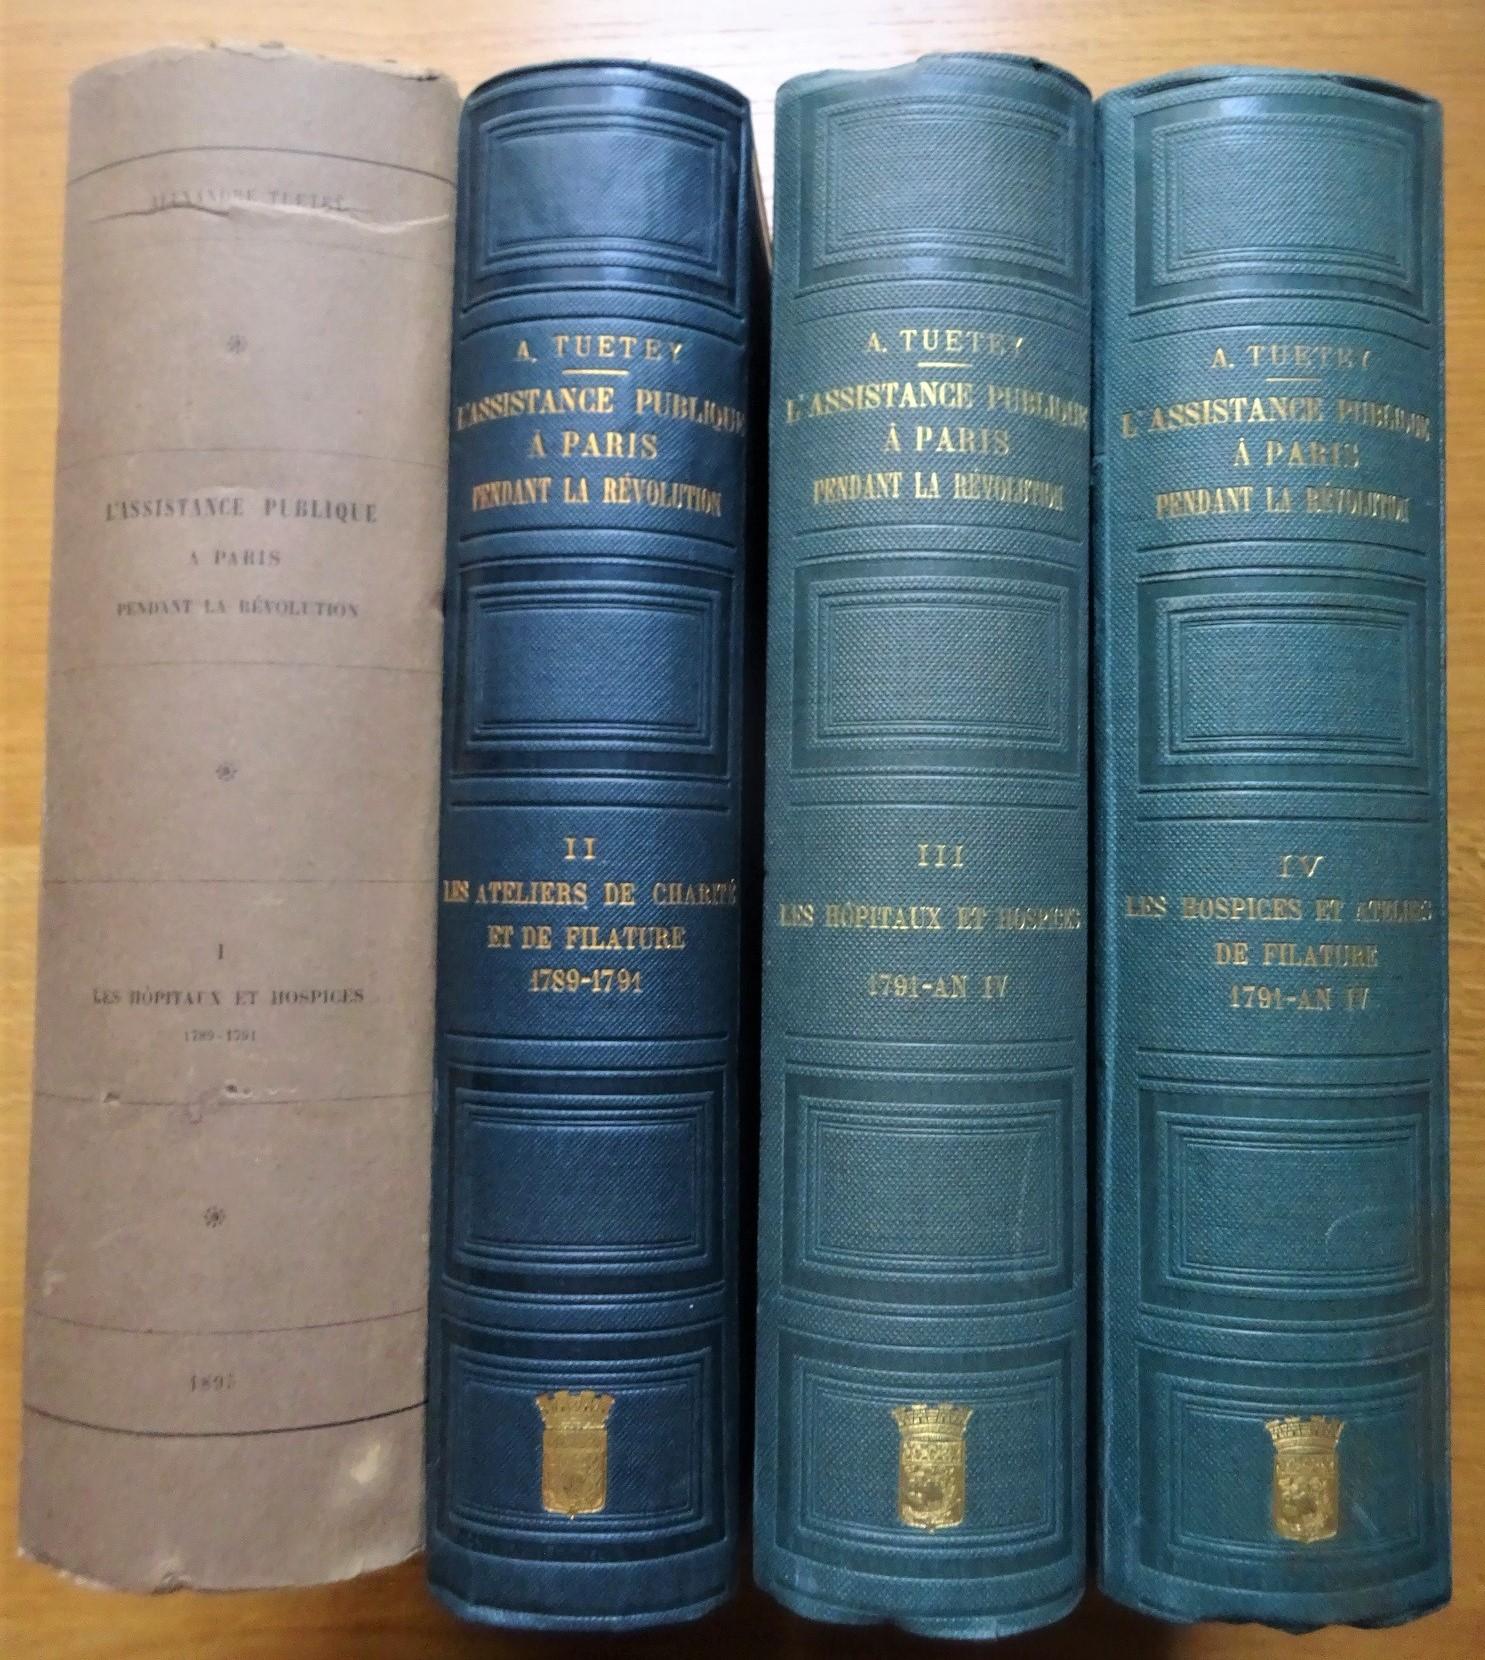 L'Assistance Publique  à  Paris pendant la  Révolution. Quatre volumes.